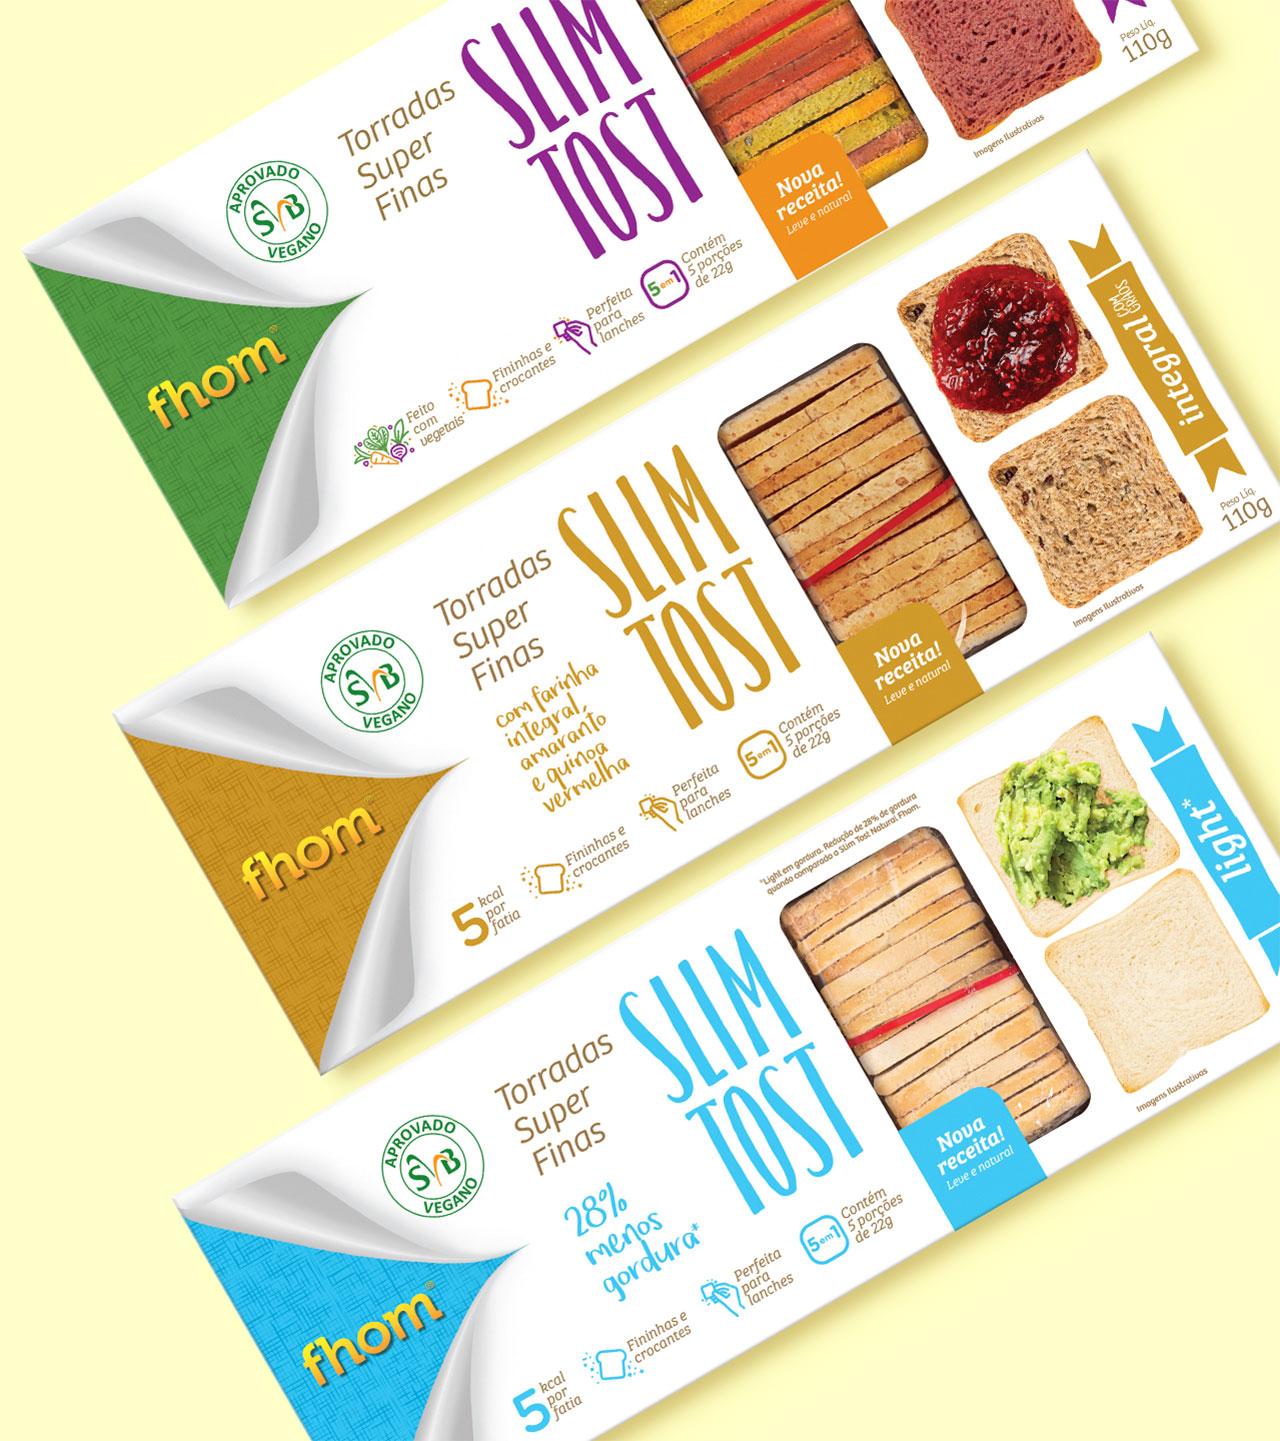 Embalagens premiadas Slim Tost - Linha Padaria Fhom